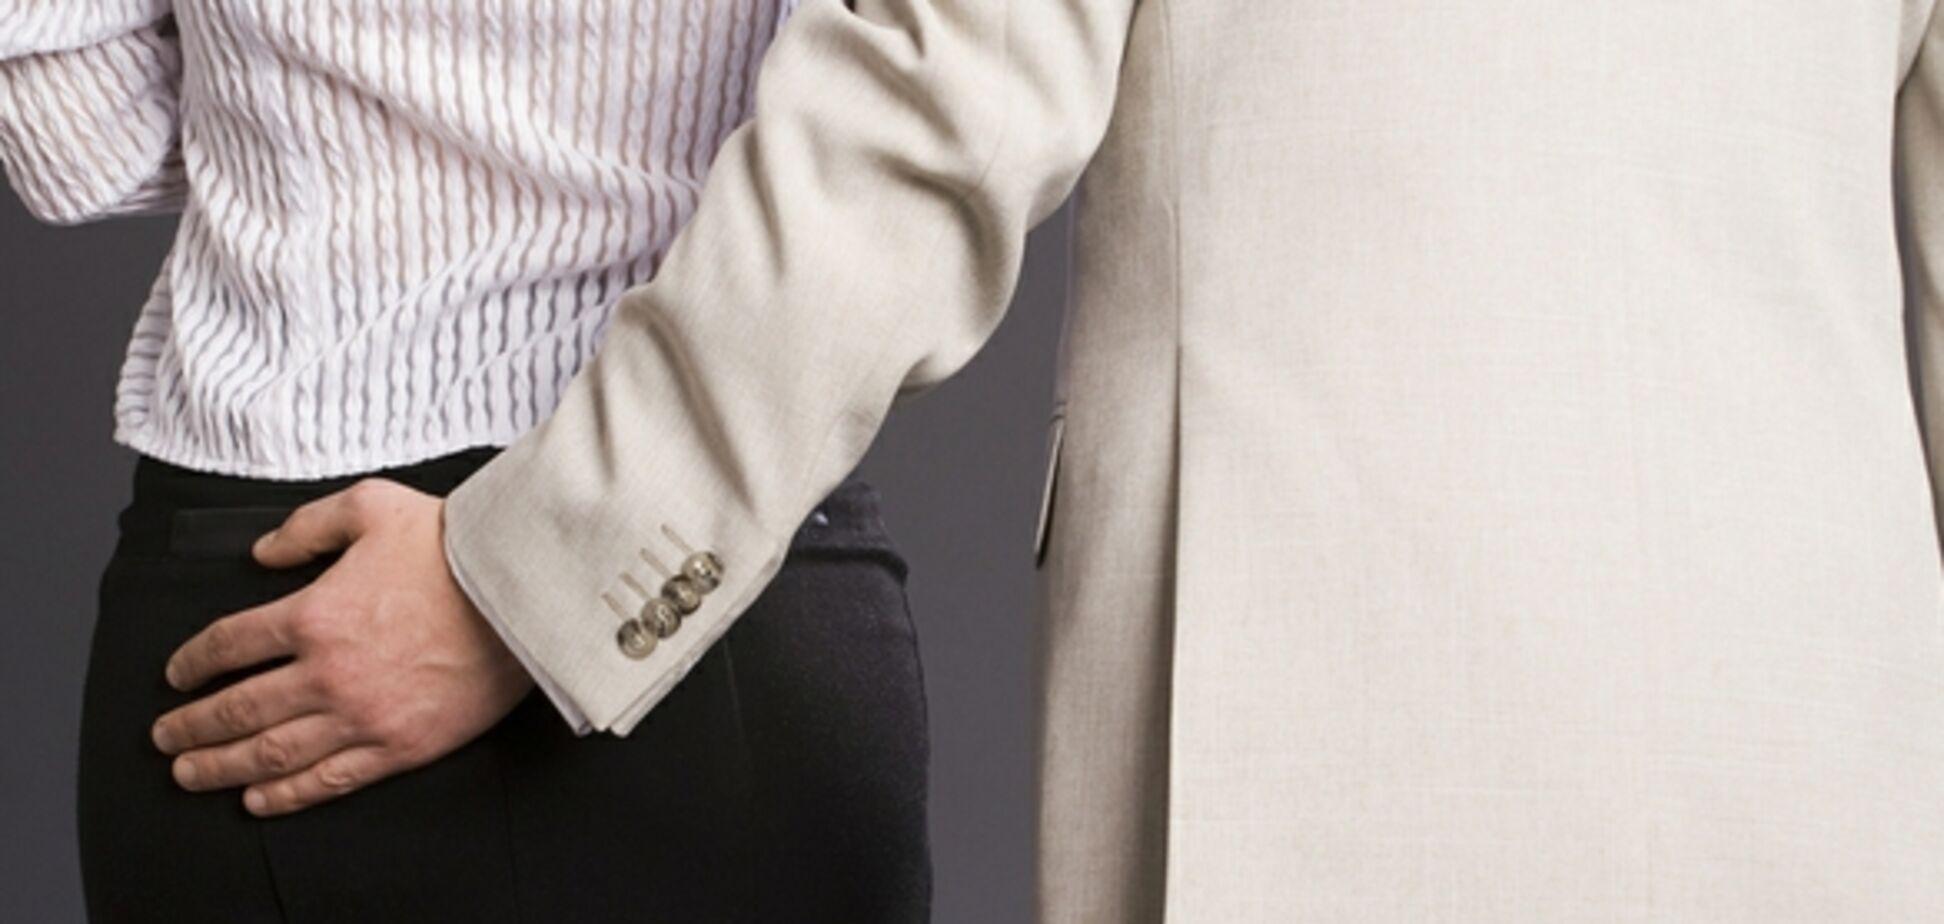 Скажімо разом 'ні' секс-шантажу: 'Обозреватель' продовжує війну з вимагачами